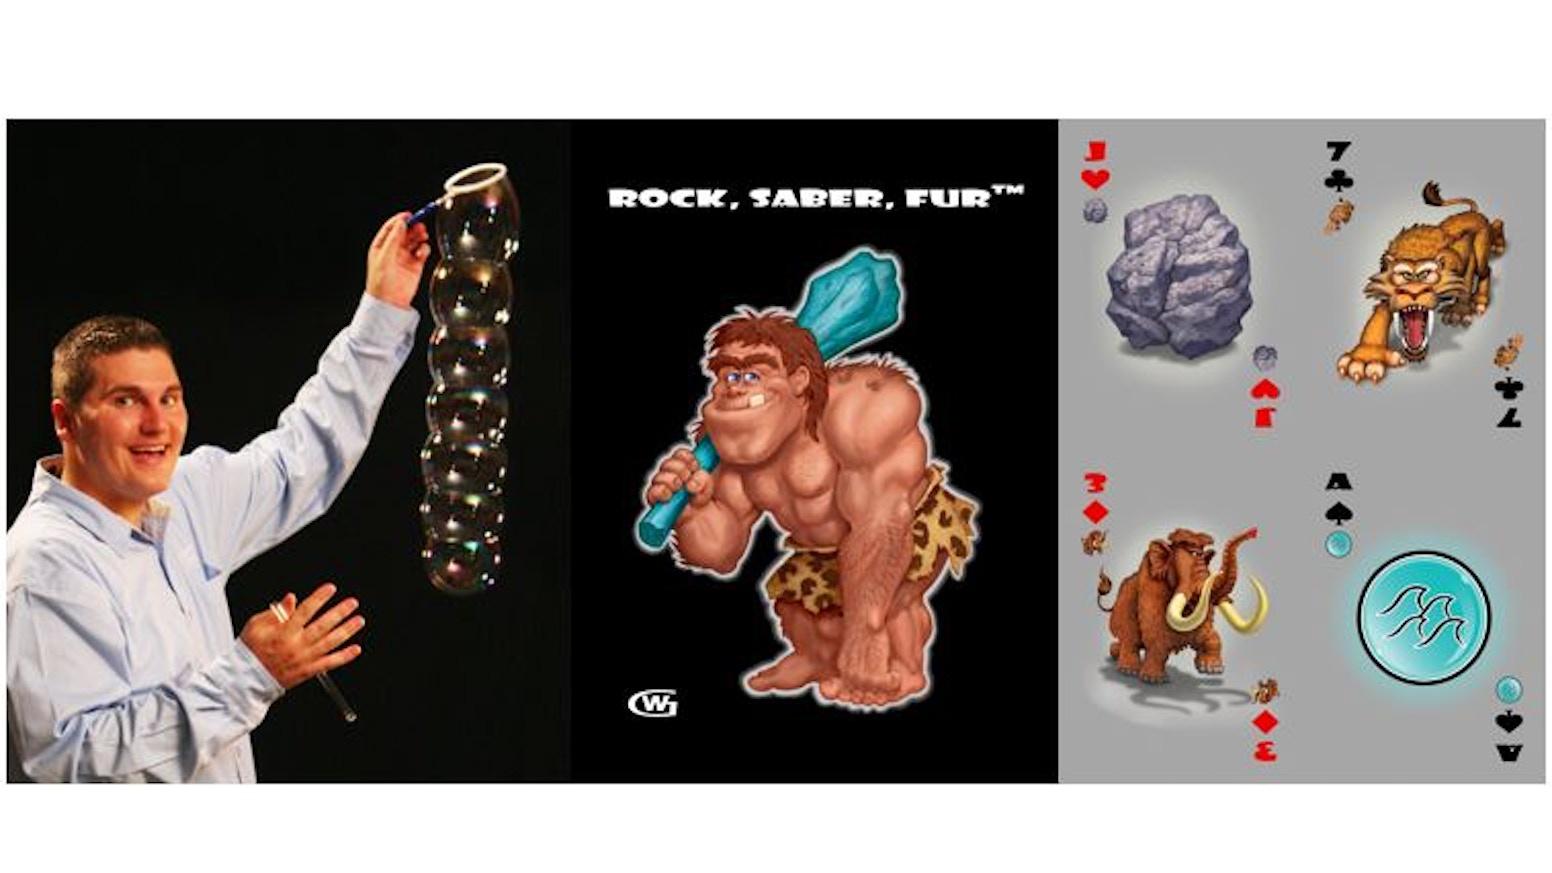 rock saber fur card gamejarom watts — kickstarter